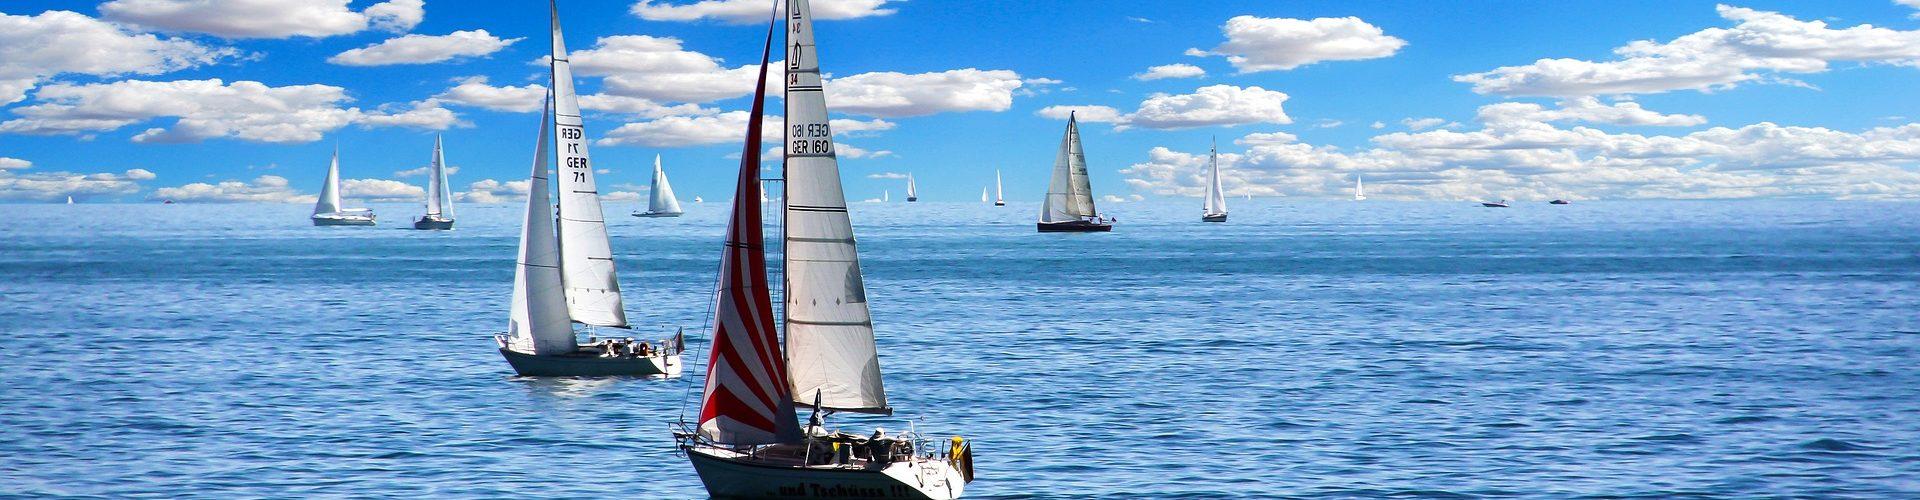 segeln lernen in Wilhelmshaven segelschein machen in Wilhelmshaven 1920x500 - Segeln lernen in Wilhelmshaven